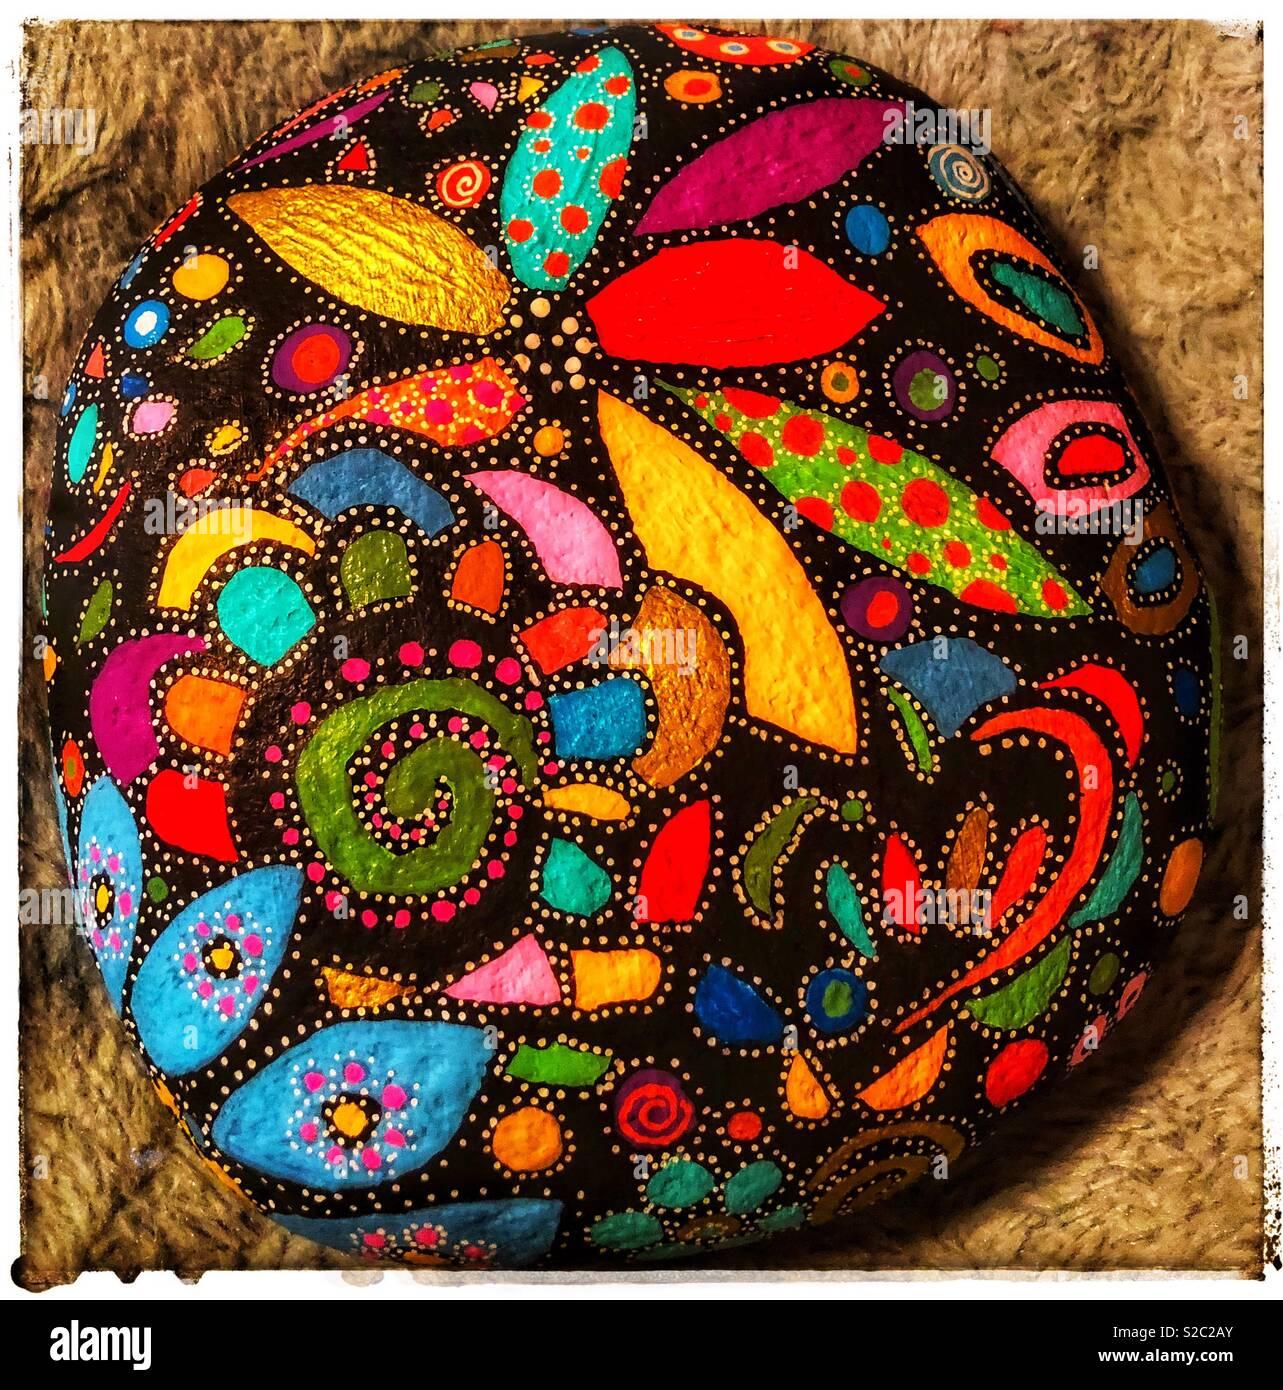 Piedras pintadas a mano Imagen De Stock